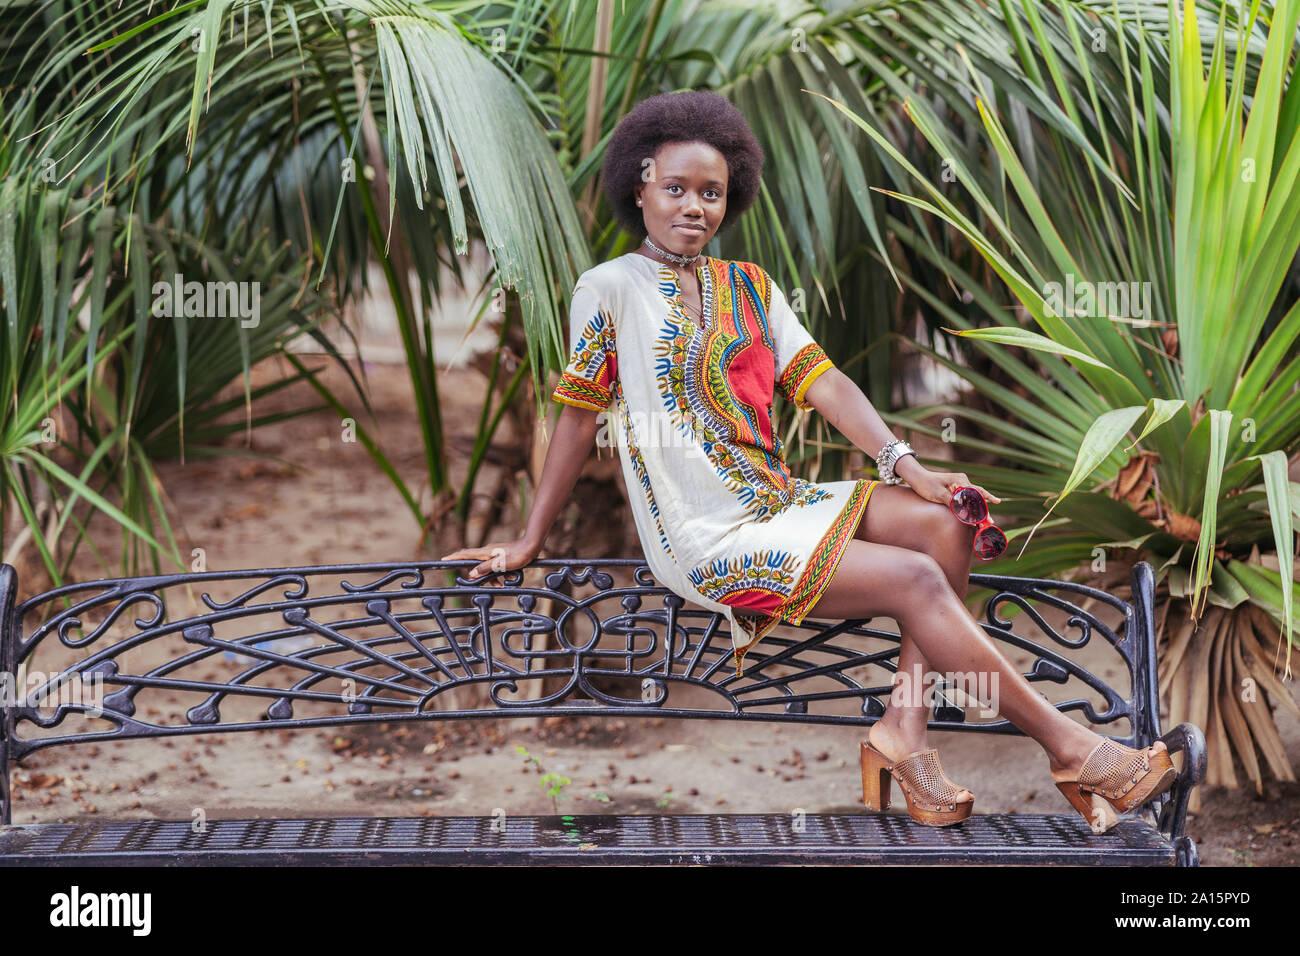 Giovane donna in posa su un banco di lavoro tra piante tropicali Foto Stock